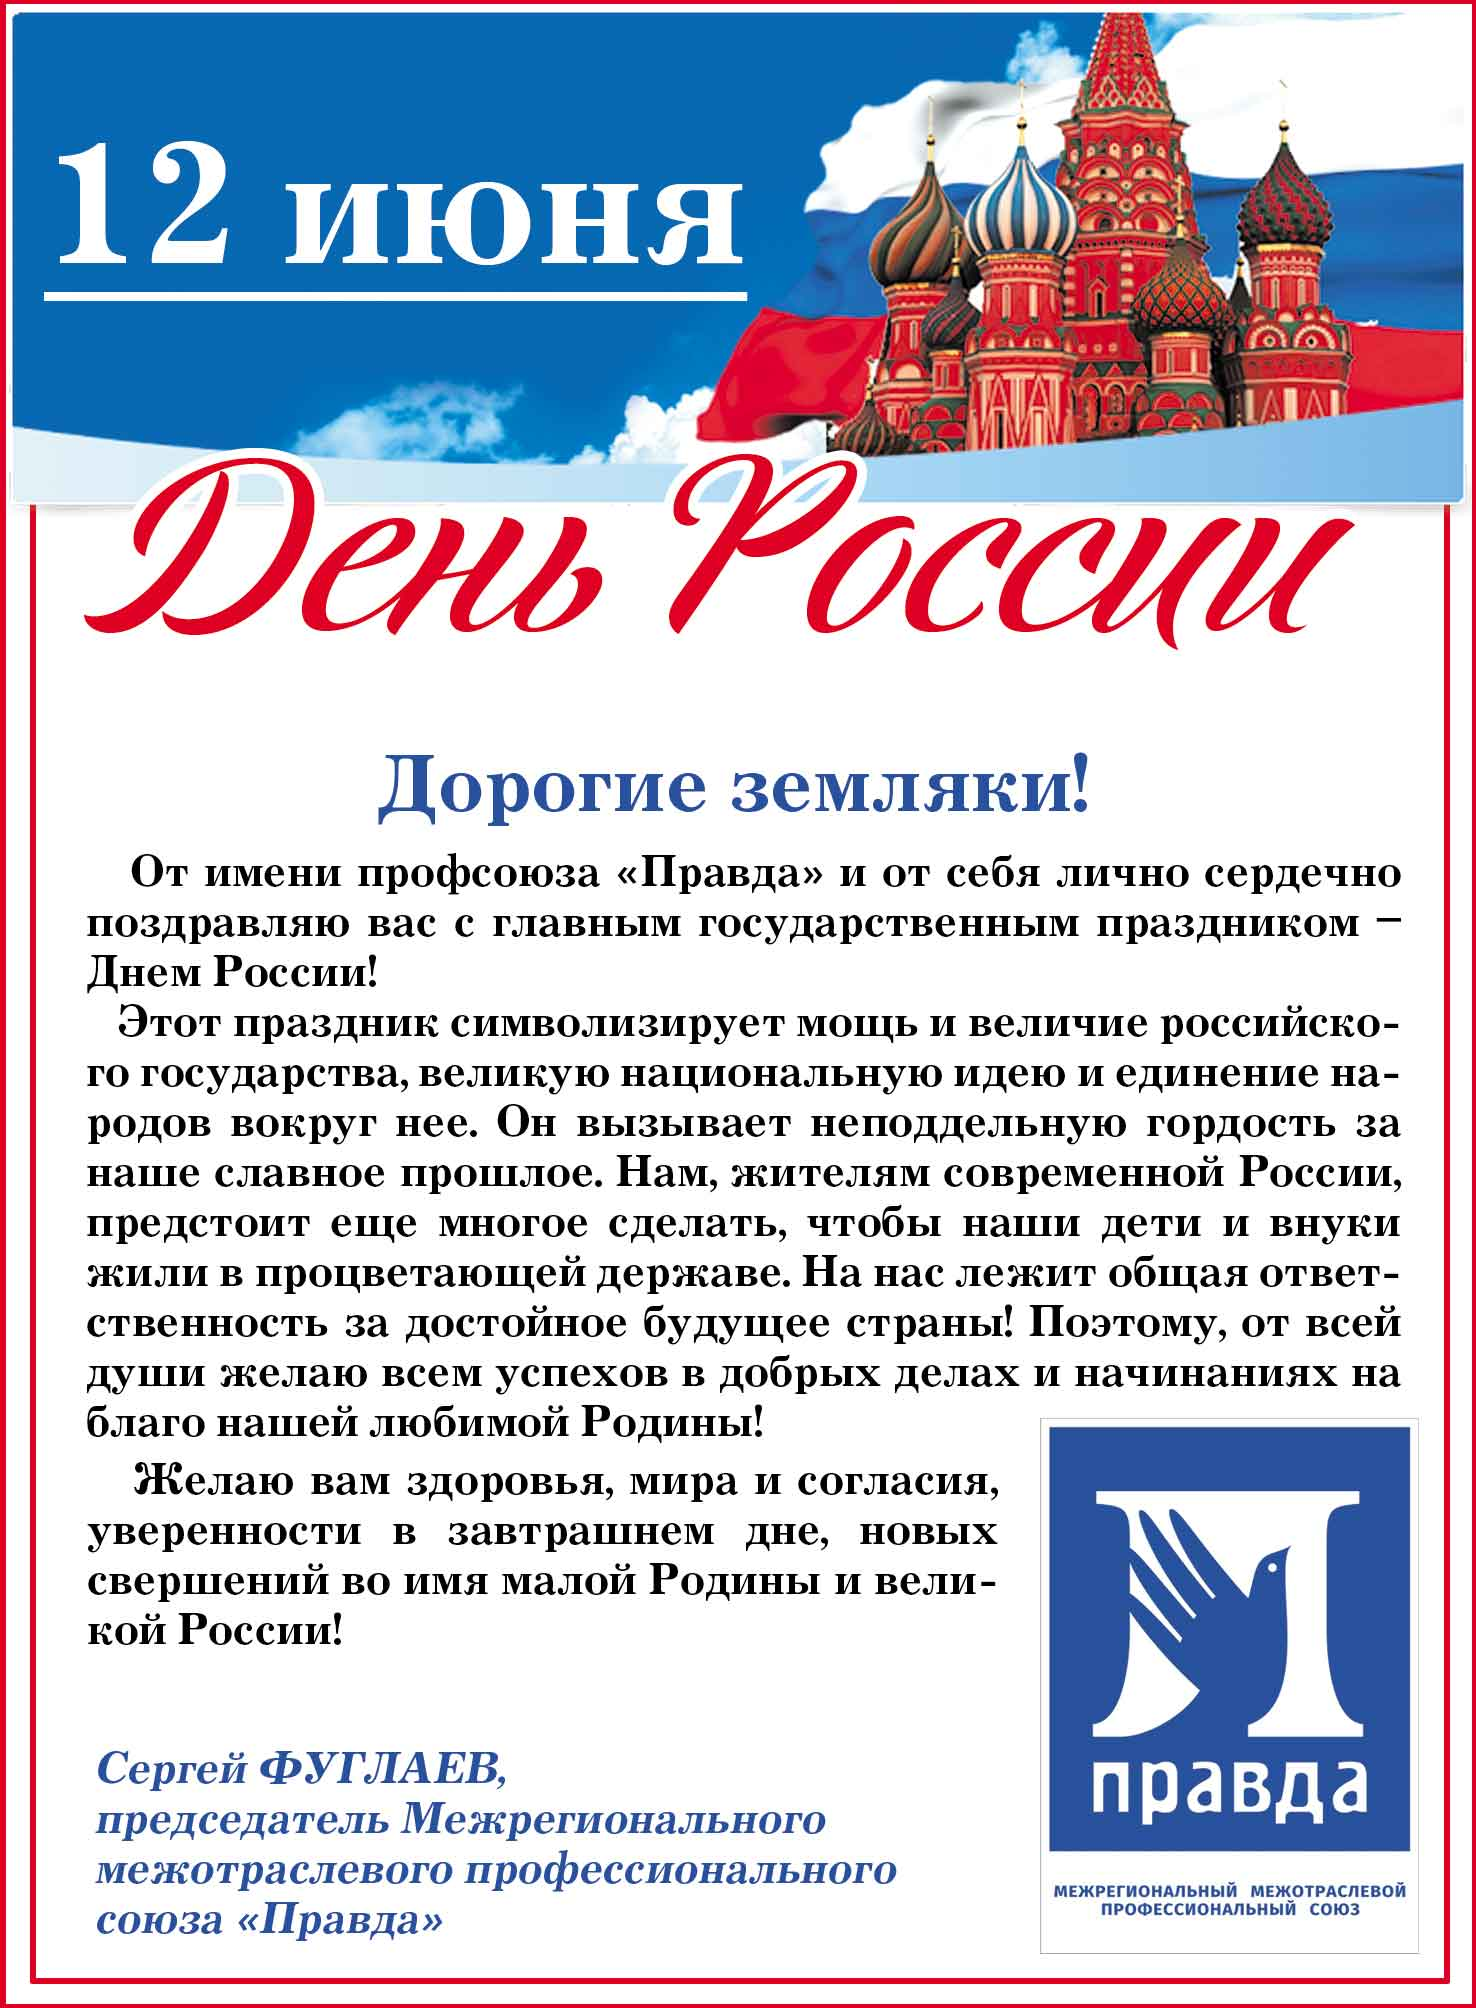 представляли поздравления в честь дня россии сделала девушка, заселившаяся